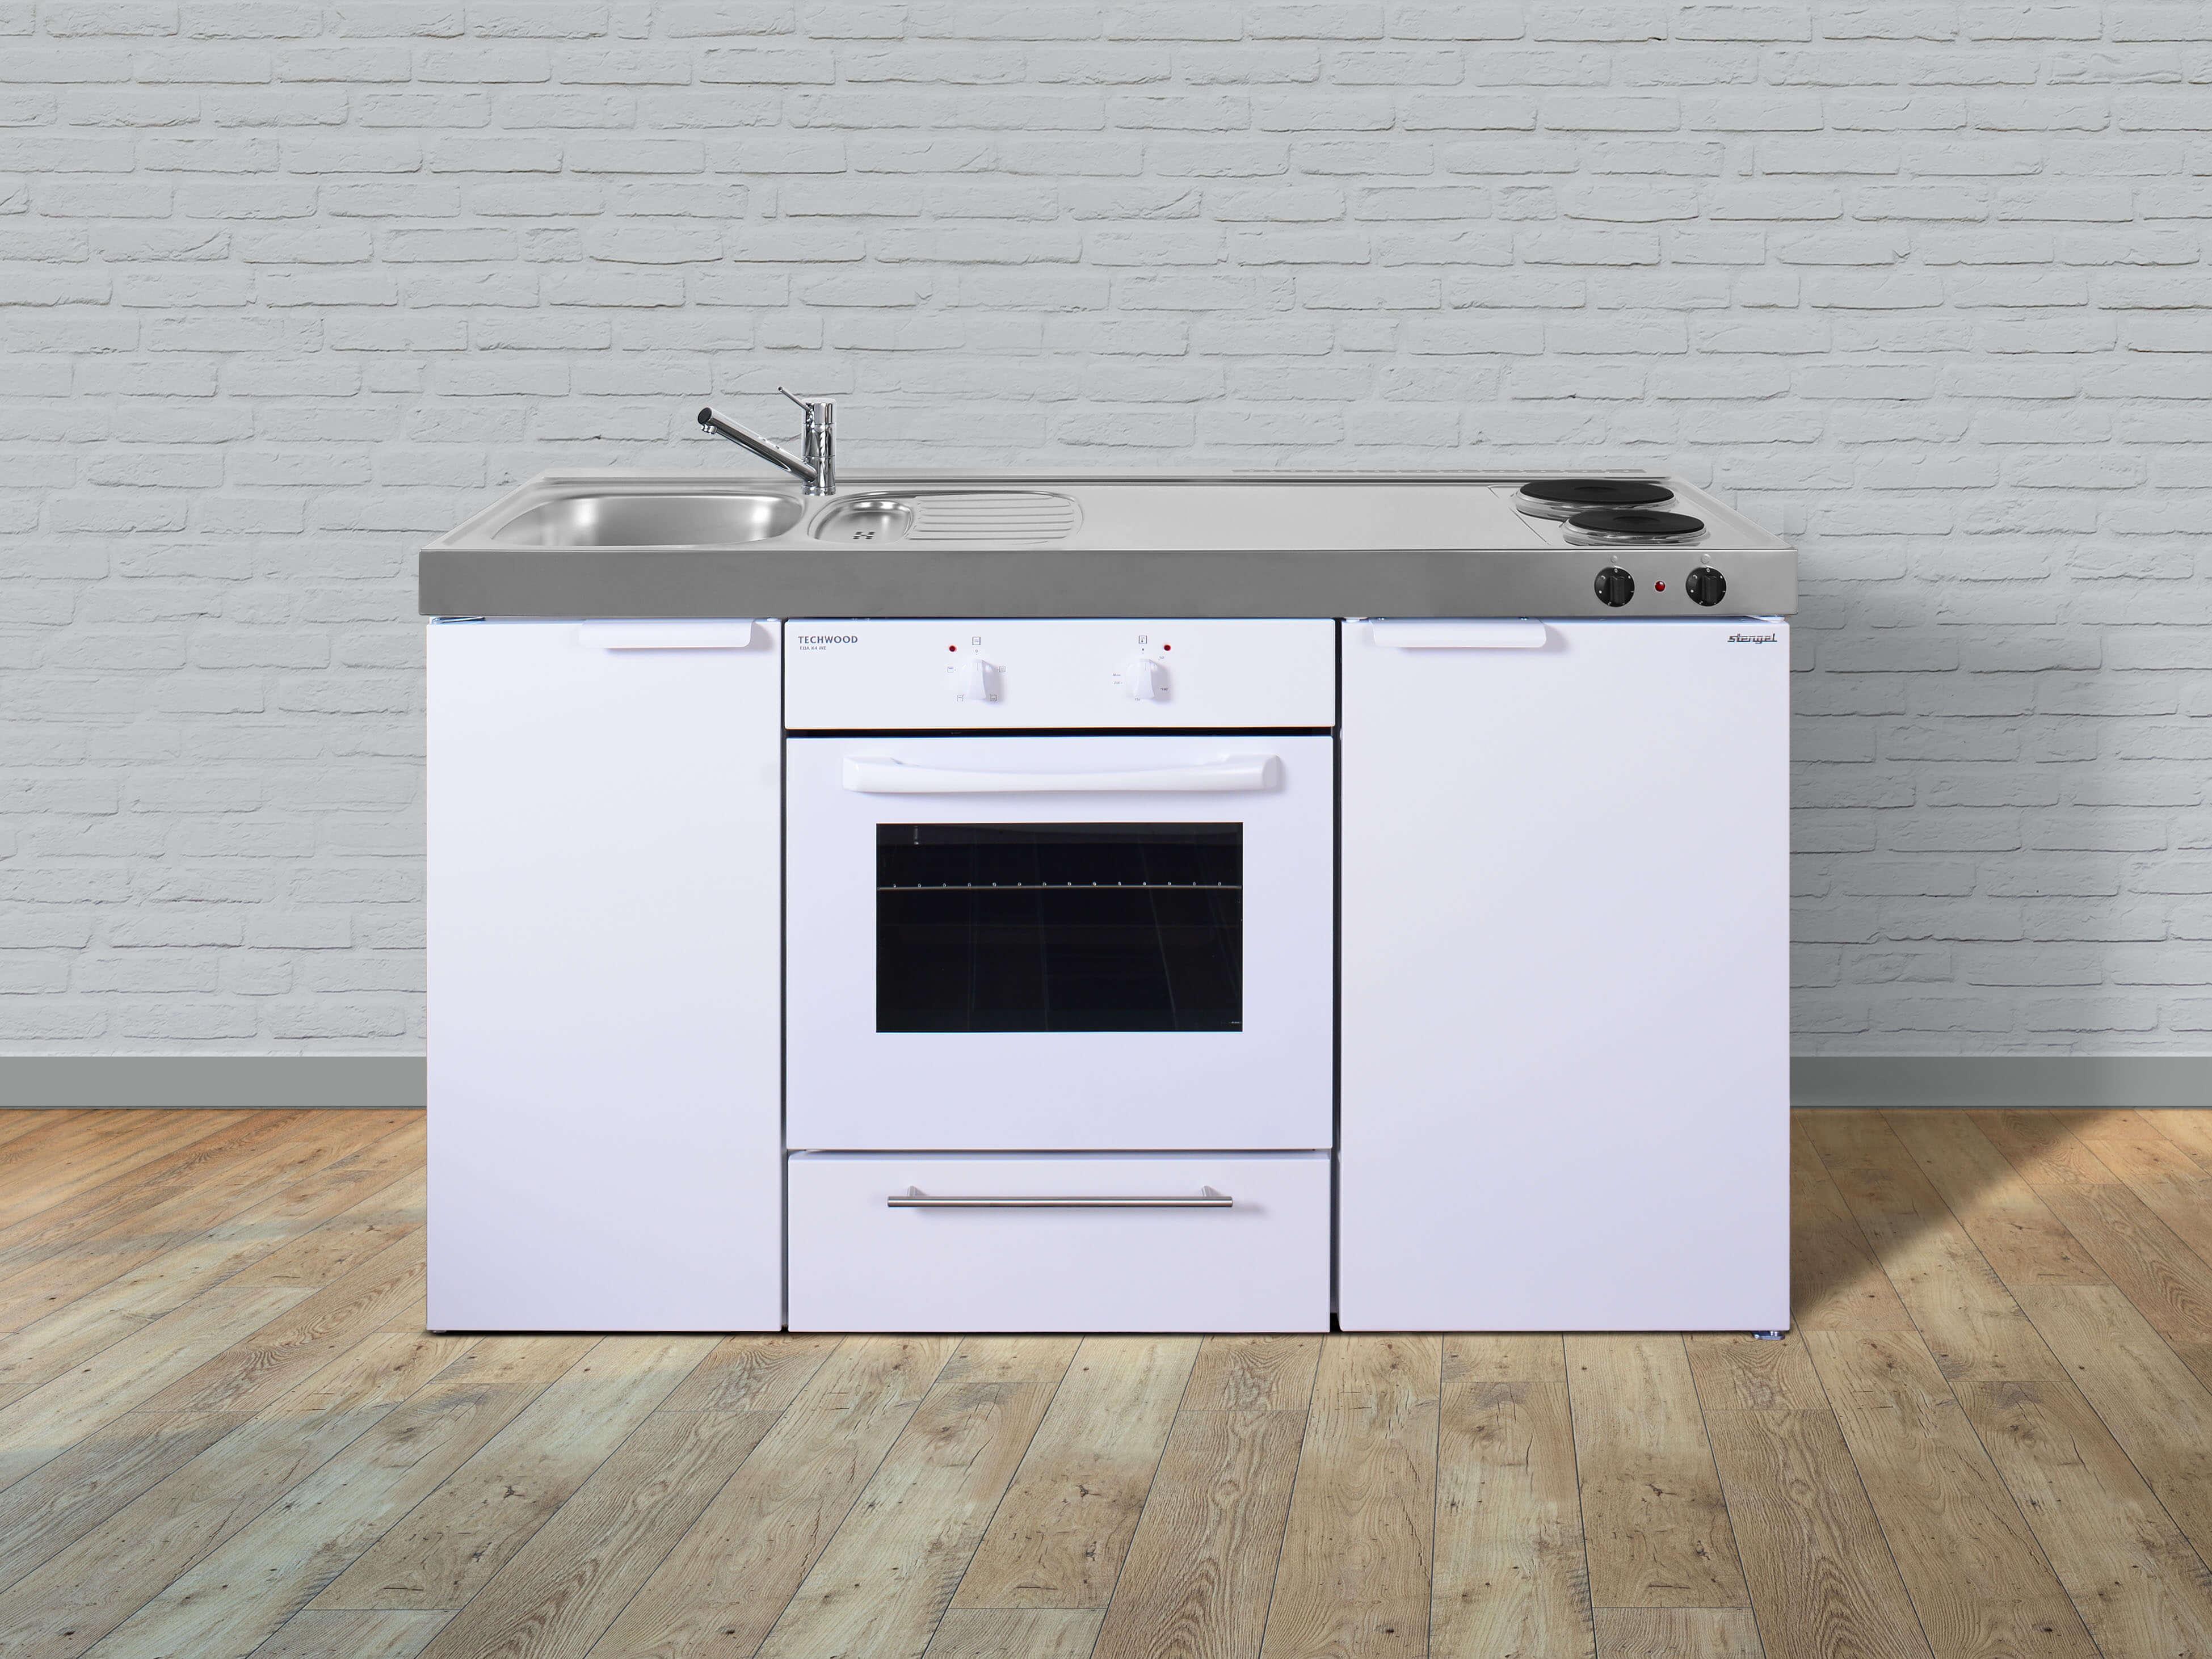 stengel minik che kitchenline mkb 150 minik chen online. Black Bedroom Furniture Sets. Home Design Ideas